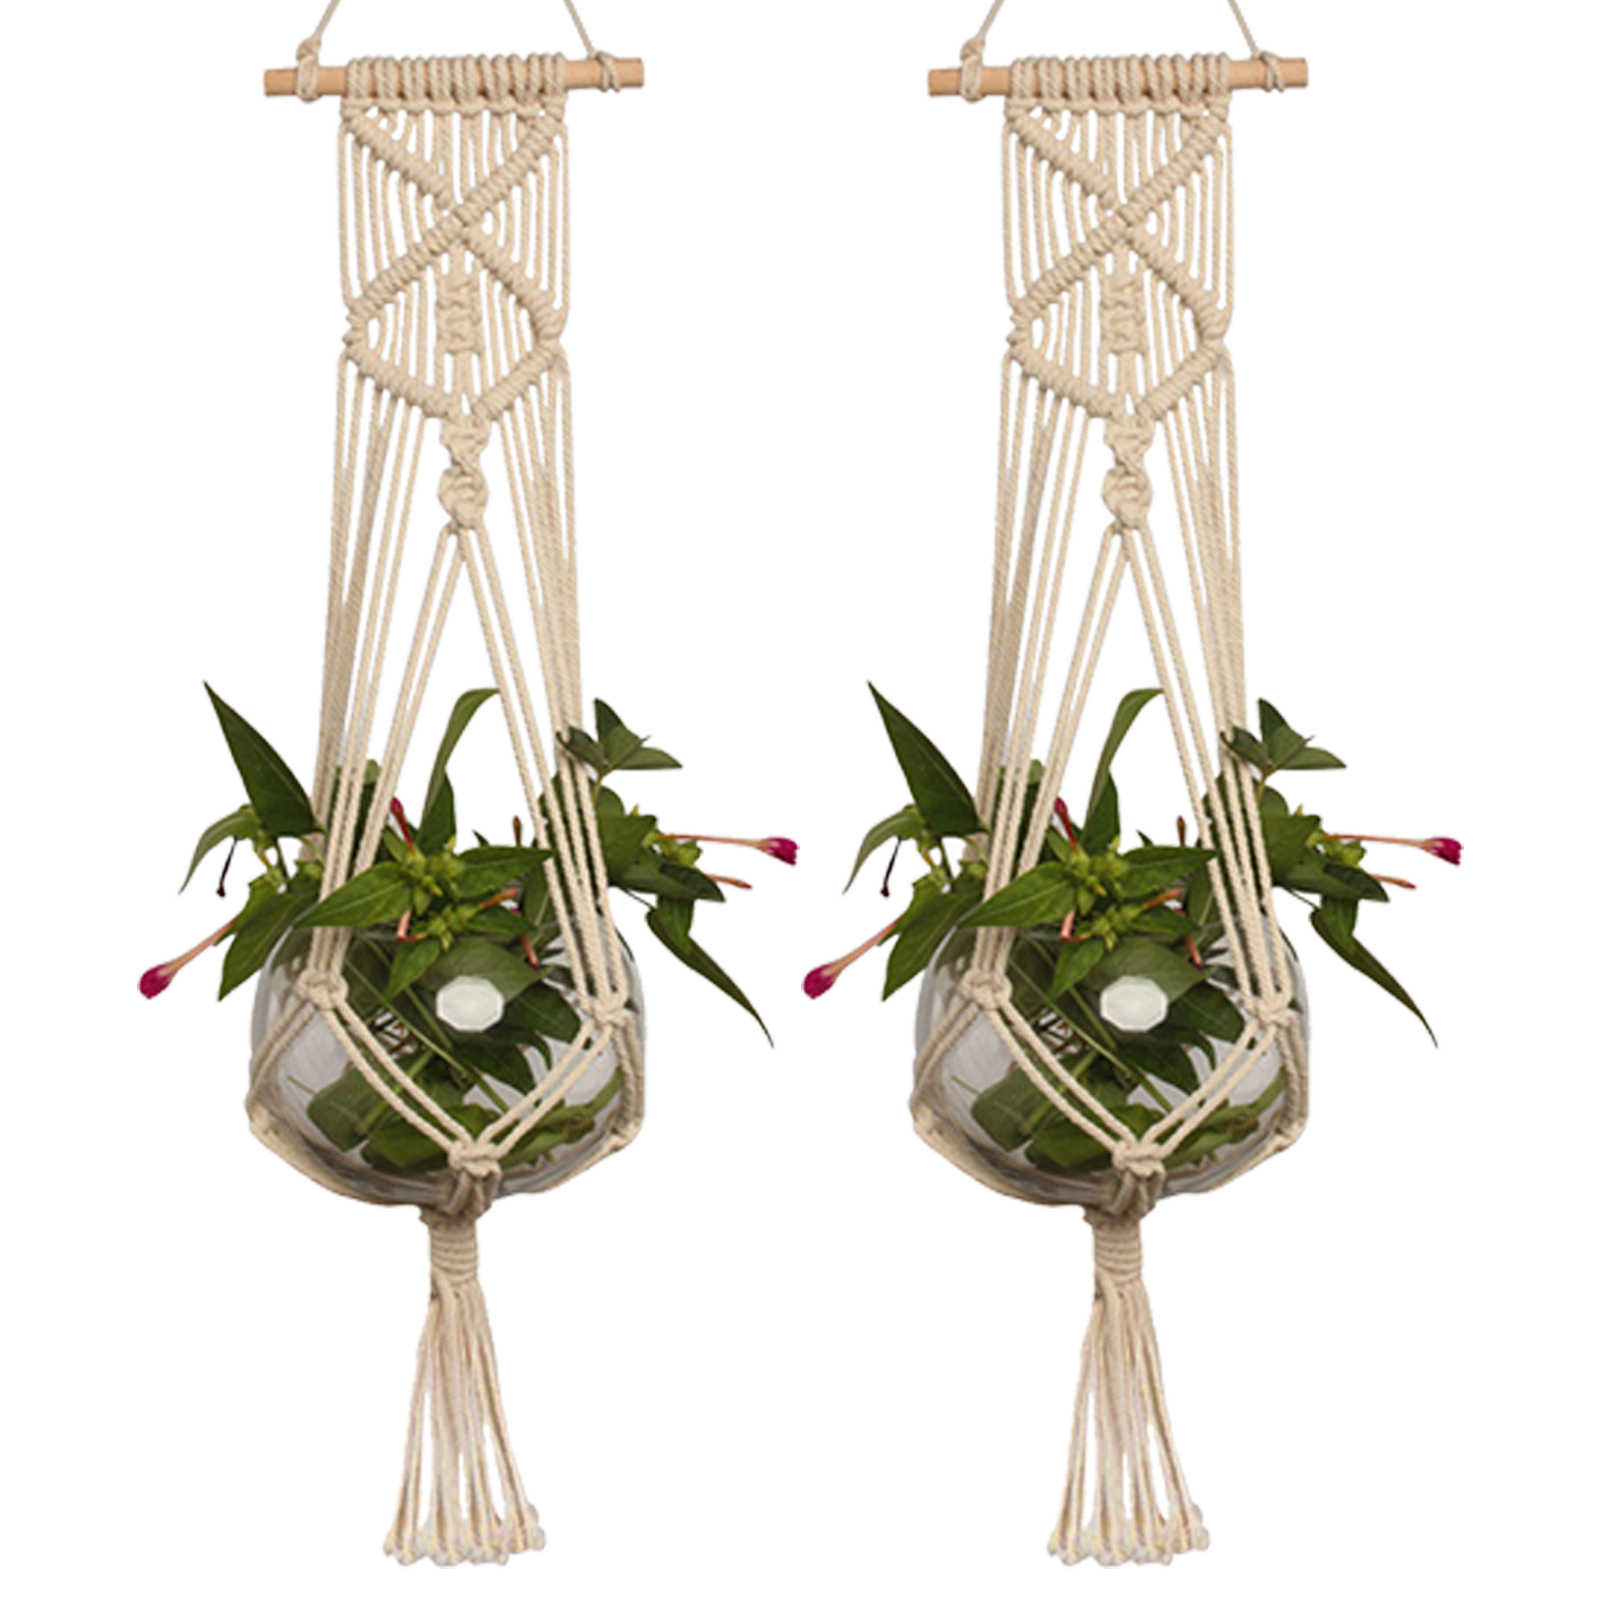 Pot-Holder-Macrame-Plant-Hanger-Hanging-Planter-Basket-Jute-Rope-Braided-Craft thumbnail 12